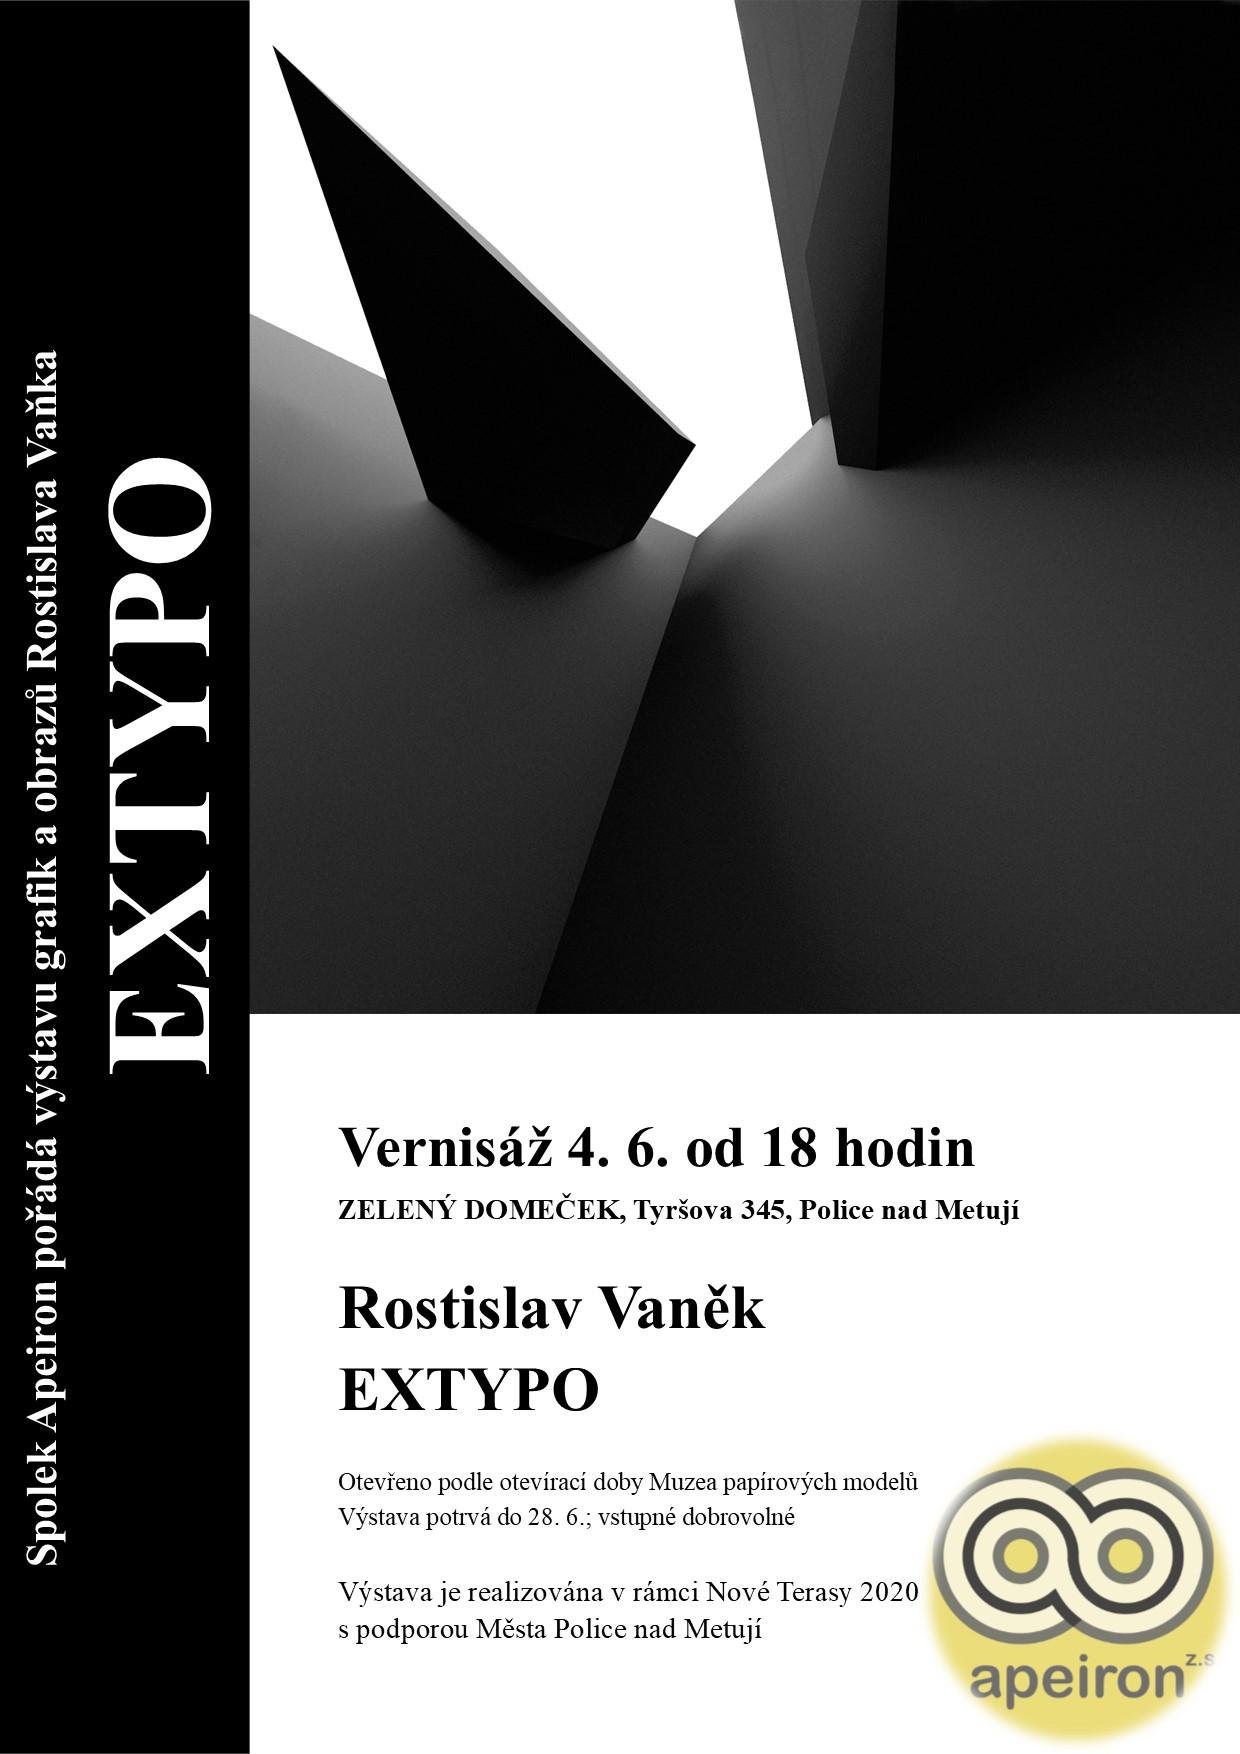 Vaněk plakát Extypo def